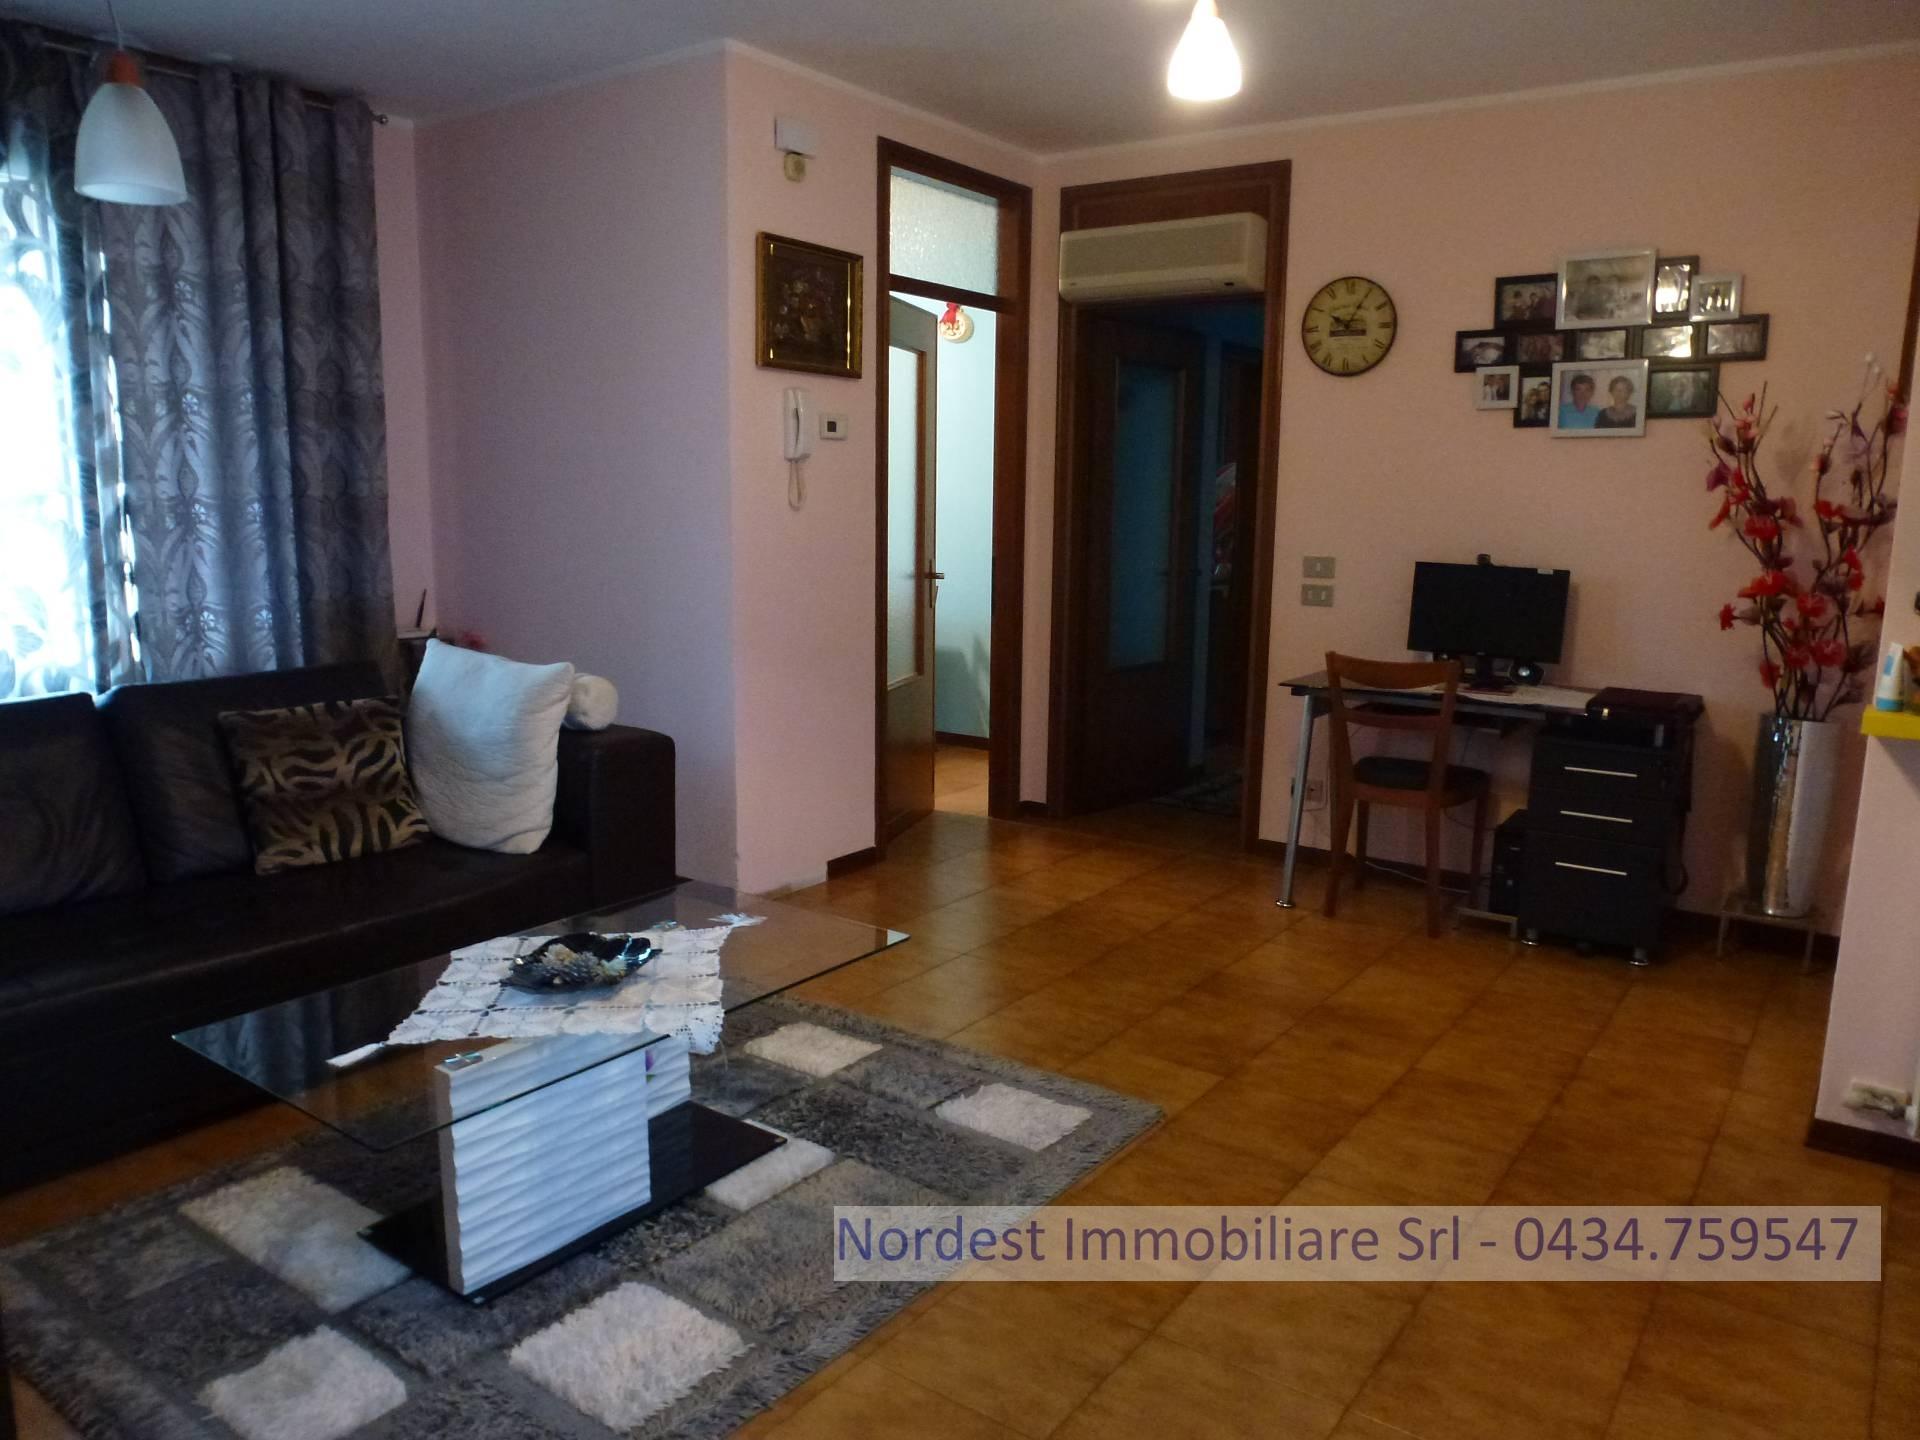 Appartamento in vendita a Fontanelle, 5 locali, prezzo € 105.000 | CambioCasa.it